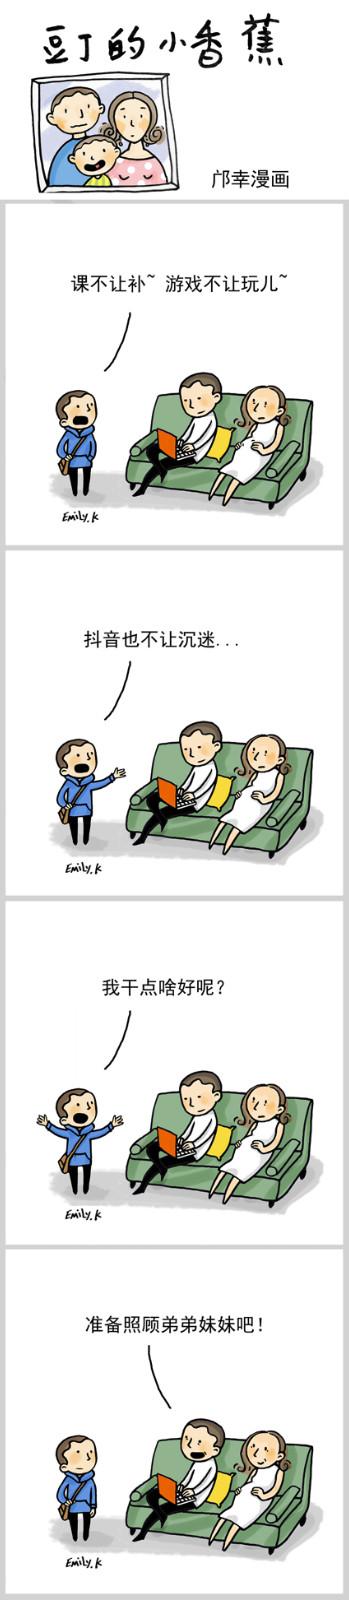 【邝幸漫畫】《小香蕉296》照顾弟妹_图1-1